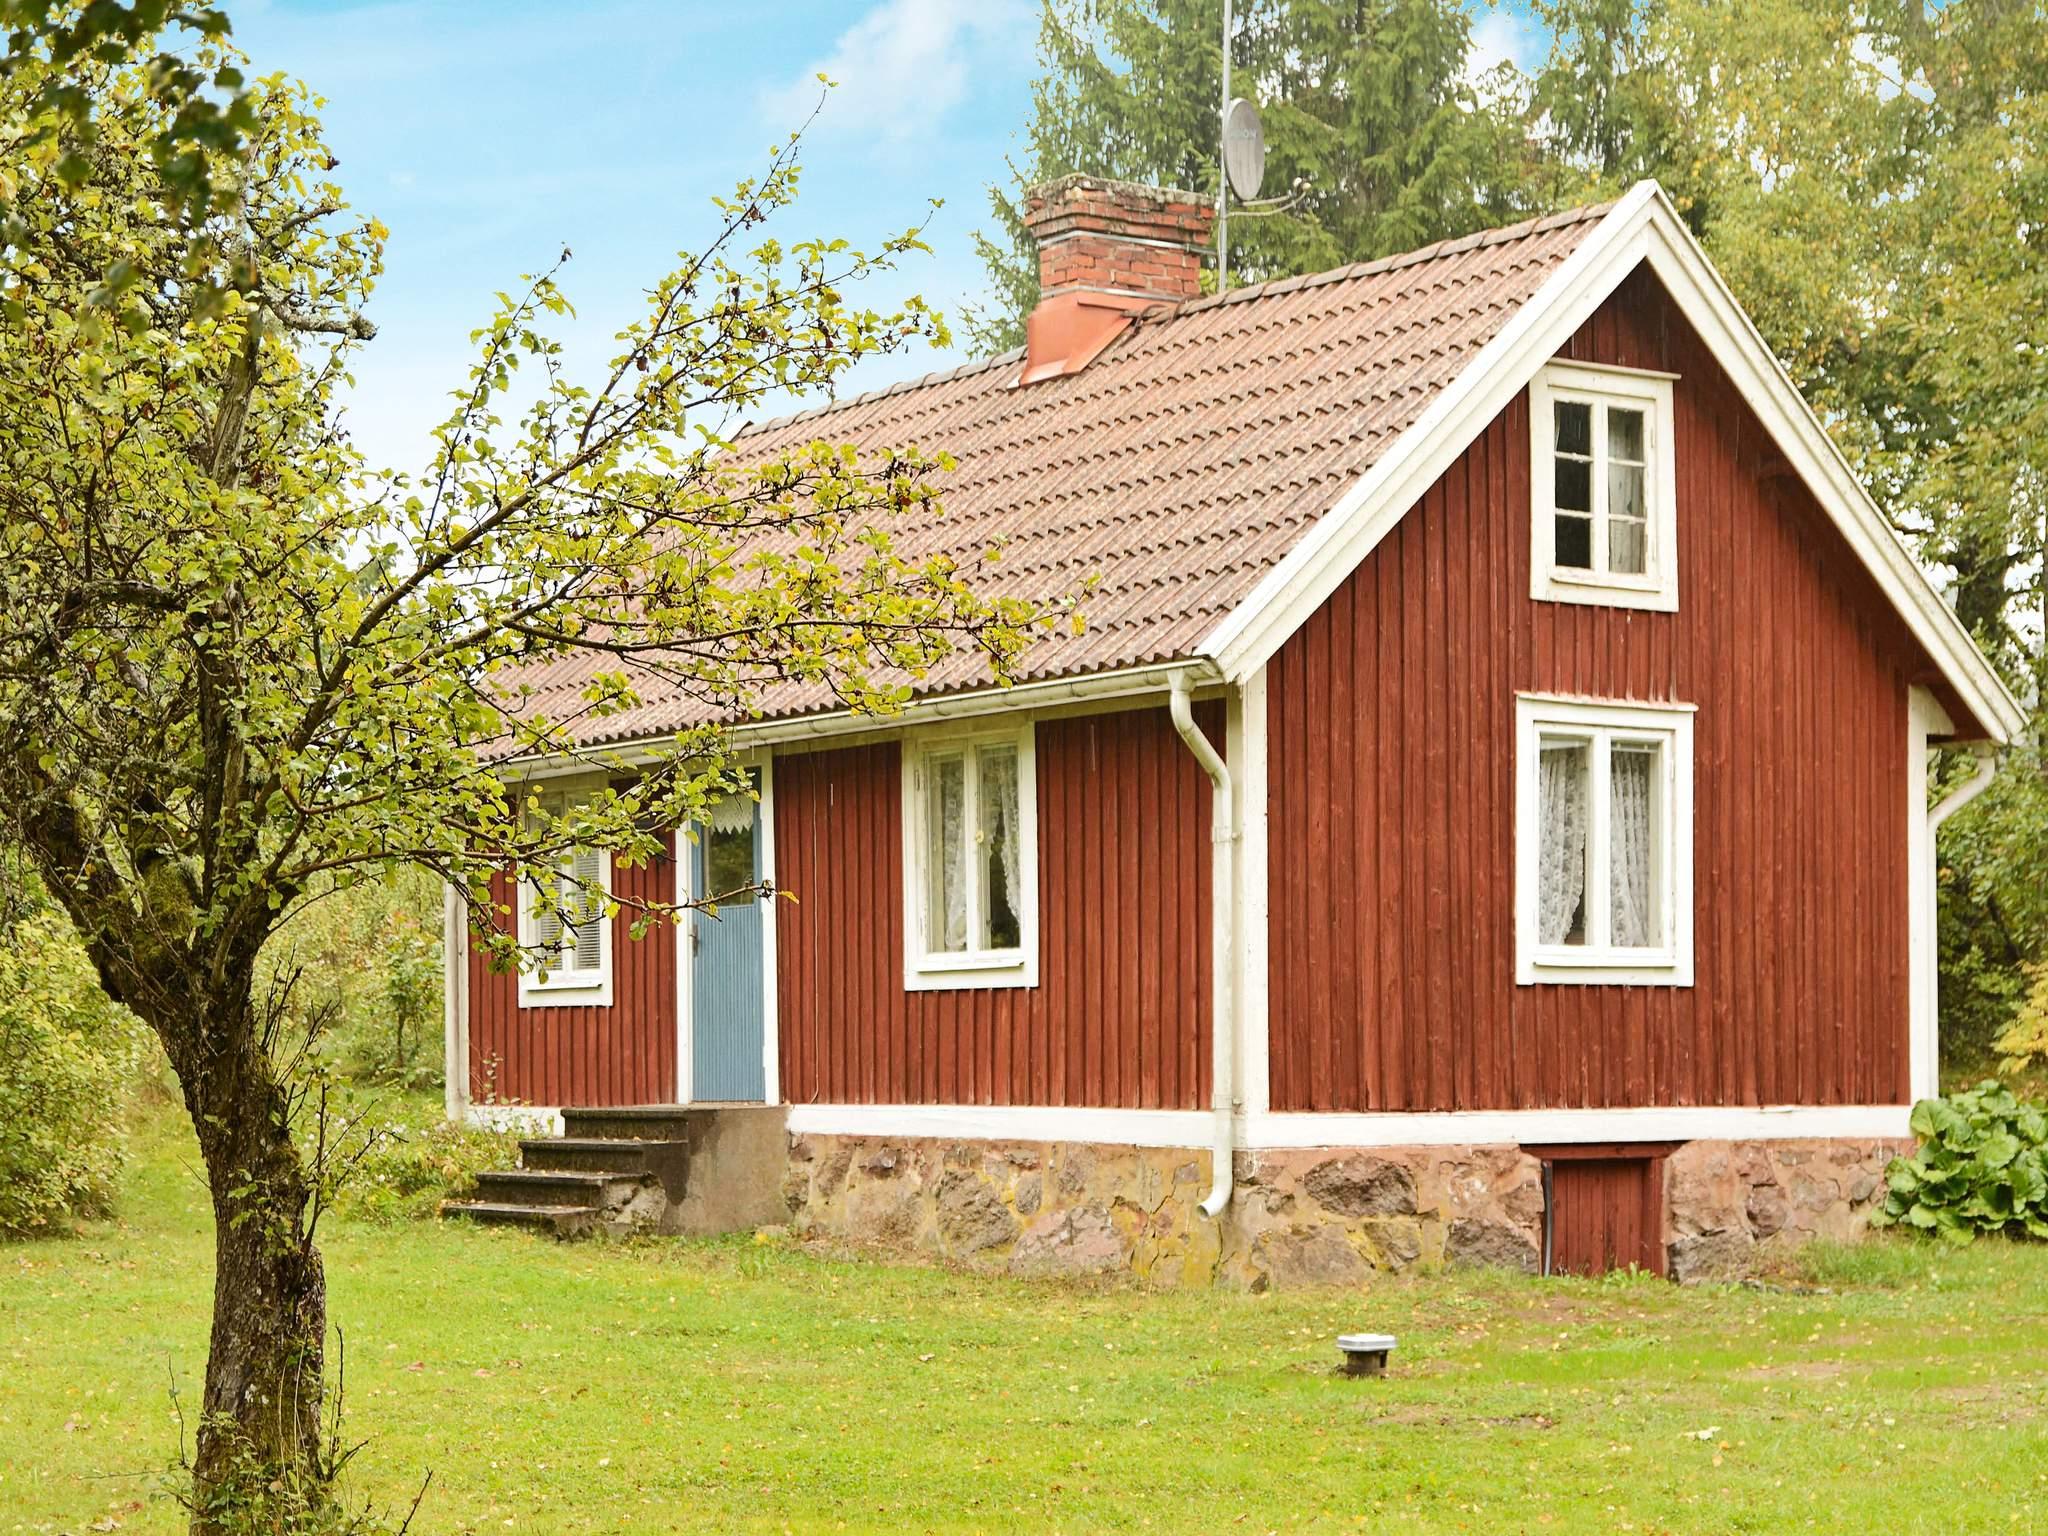 Ferienhaus Vissefjärda (146444), Vissefjärda, Kalmar län, Südschweden, Schweden, Bild 1